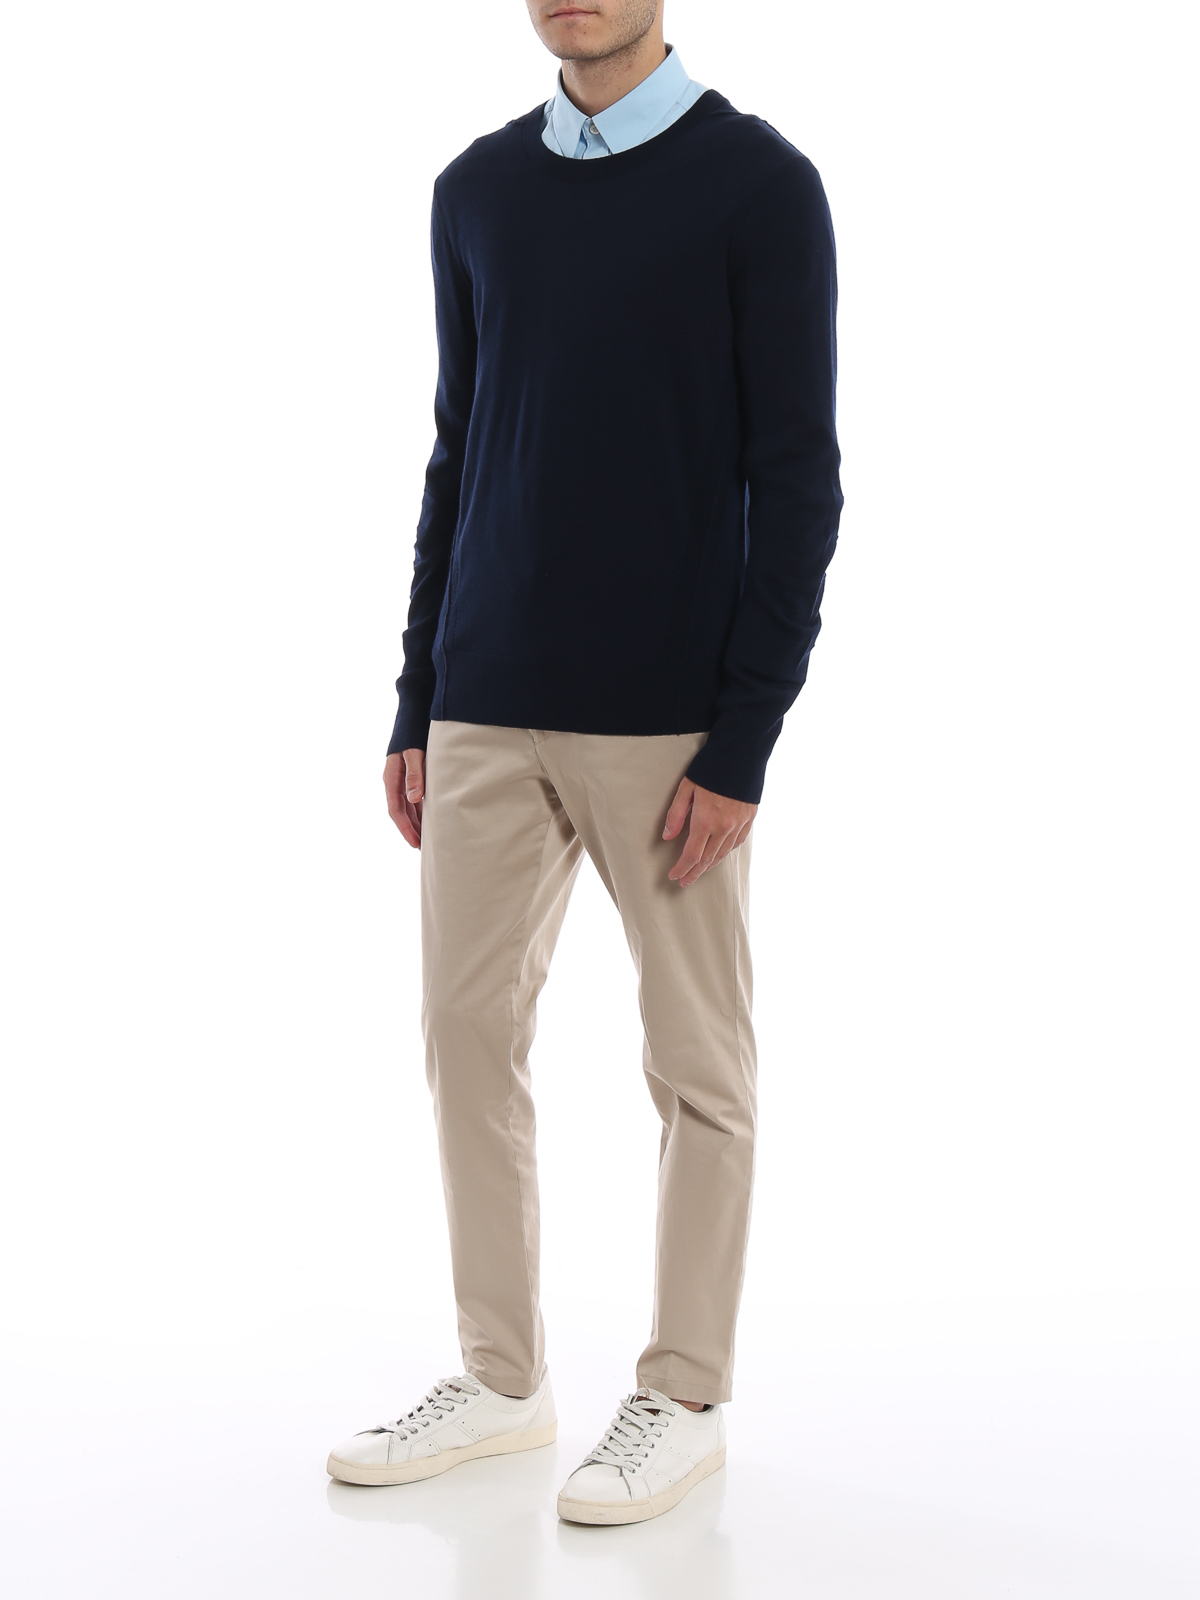 03fc4d2ec Burberry - Carter navy blue wool sweater - crew necks - 4061742